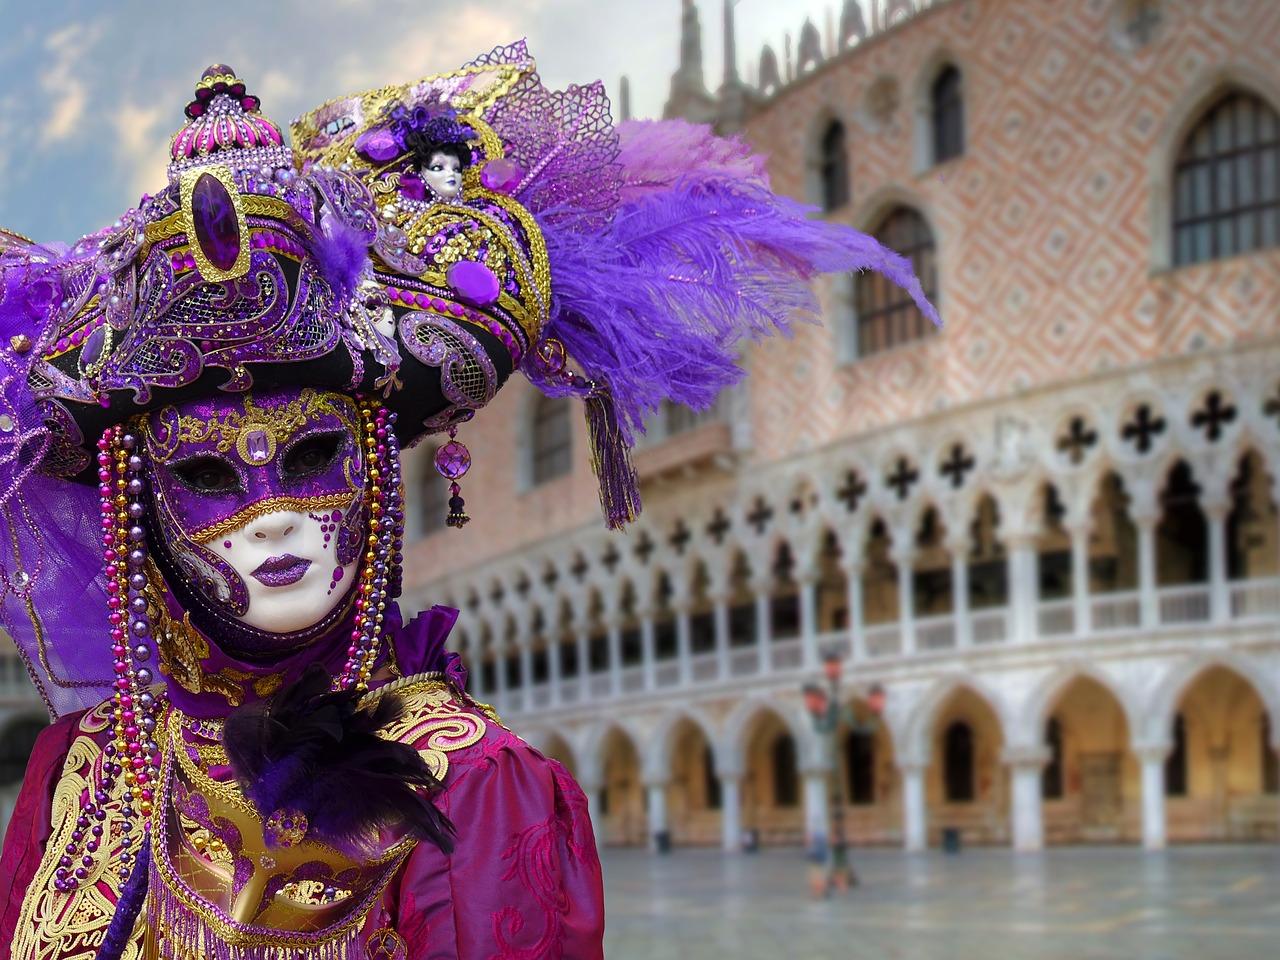 velencei-karneval-jelmezek-10.jpg